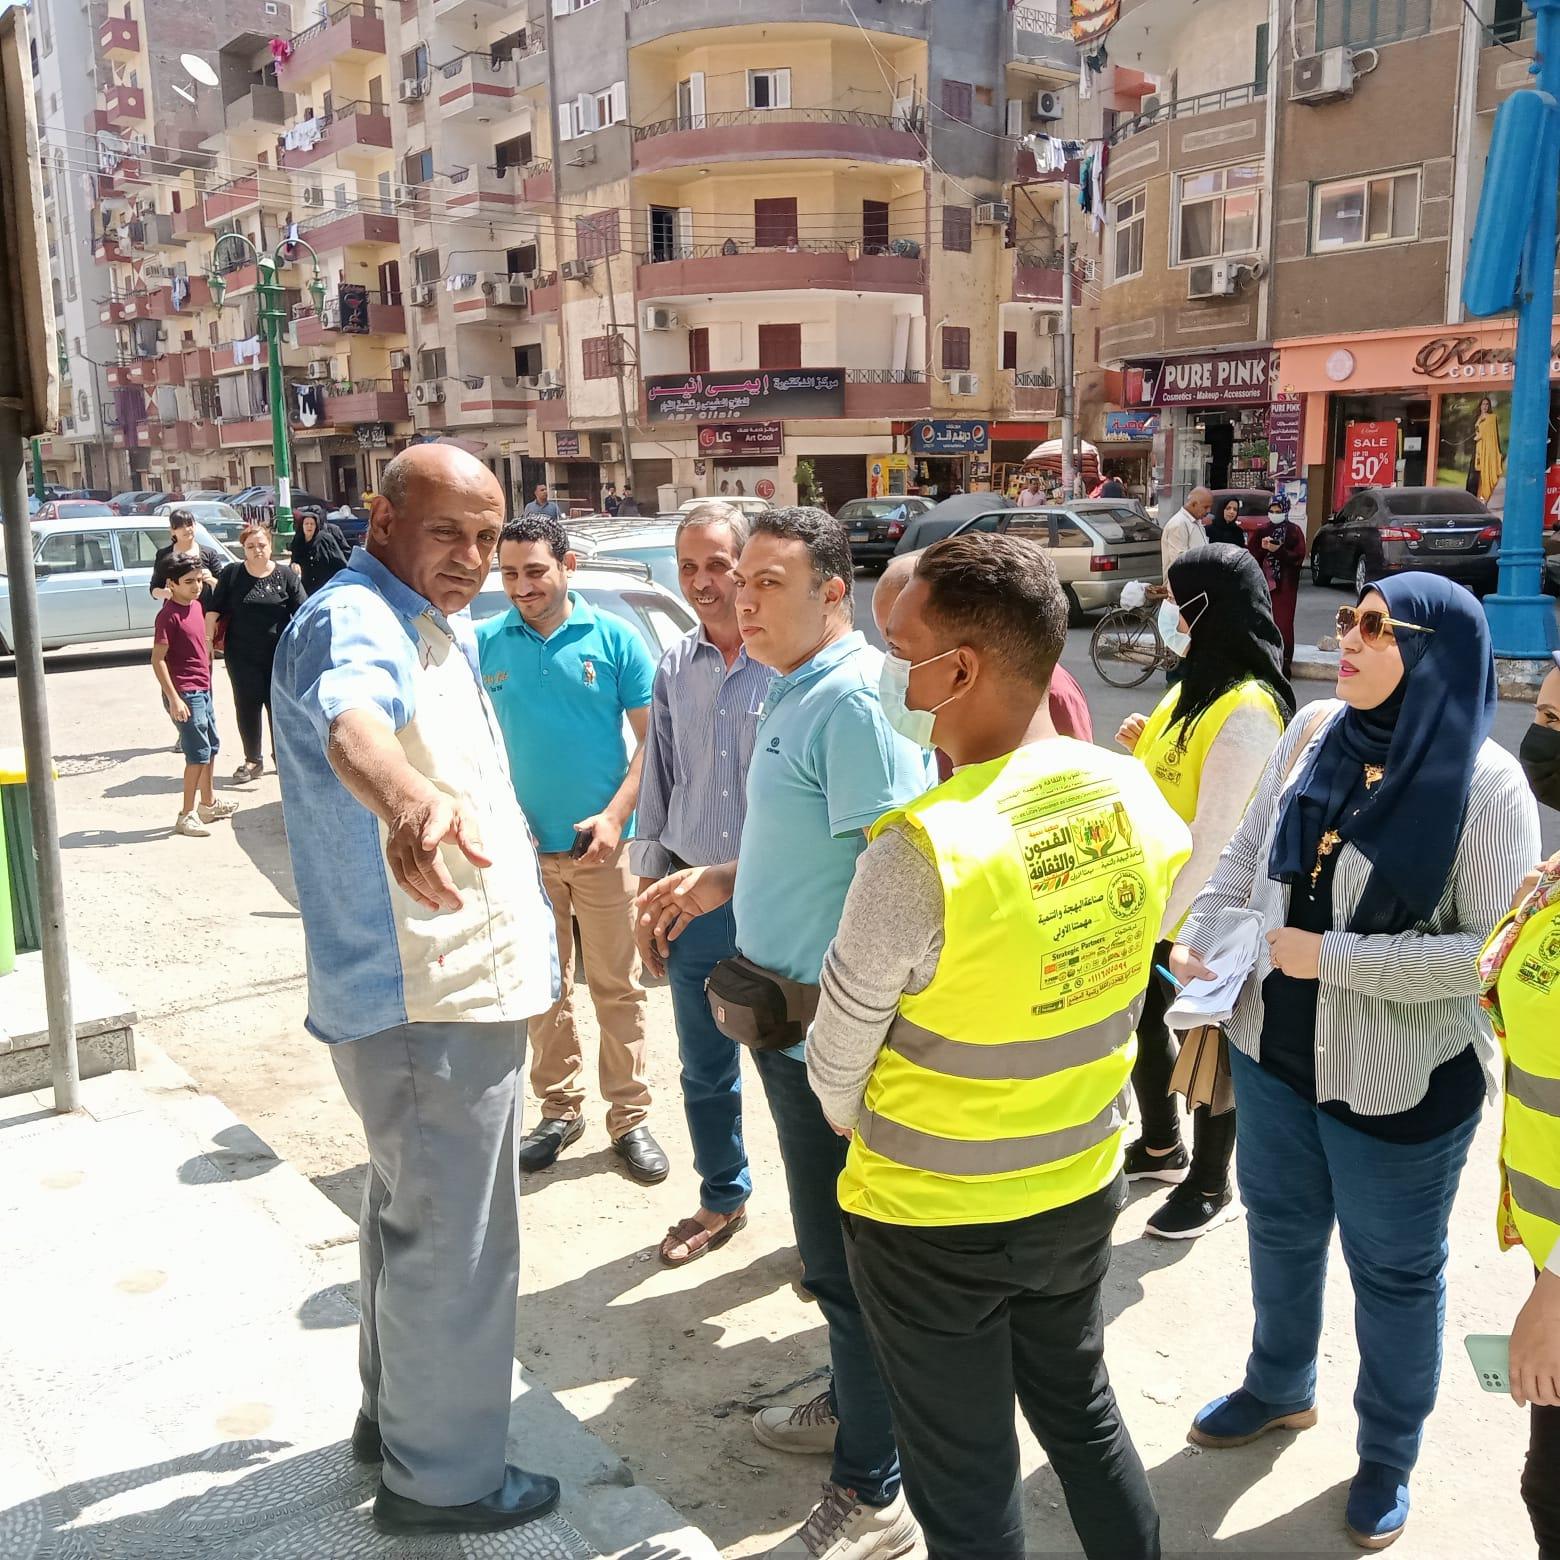 استمرار حملات التشجير والتوعية البيئية وتنفيذ حملة بمنطقة فريال بحي شرق ضمن مبادرة اتحضر لل (4)